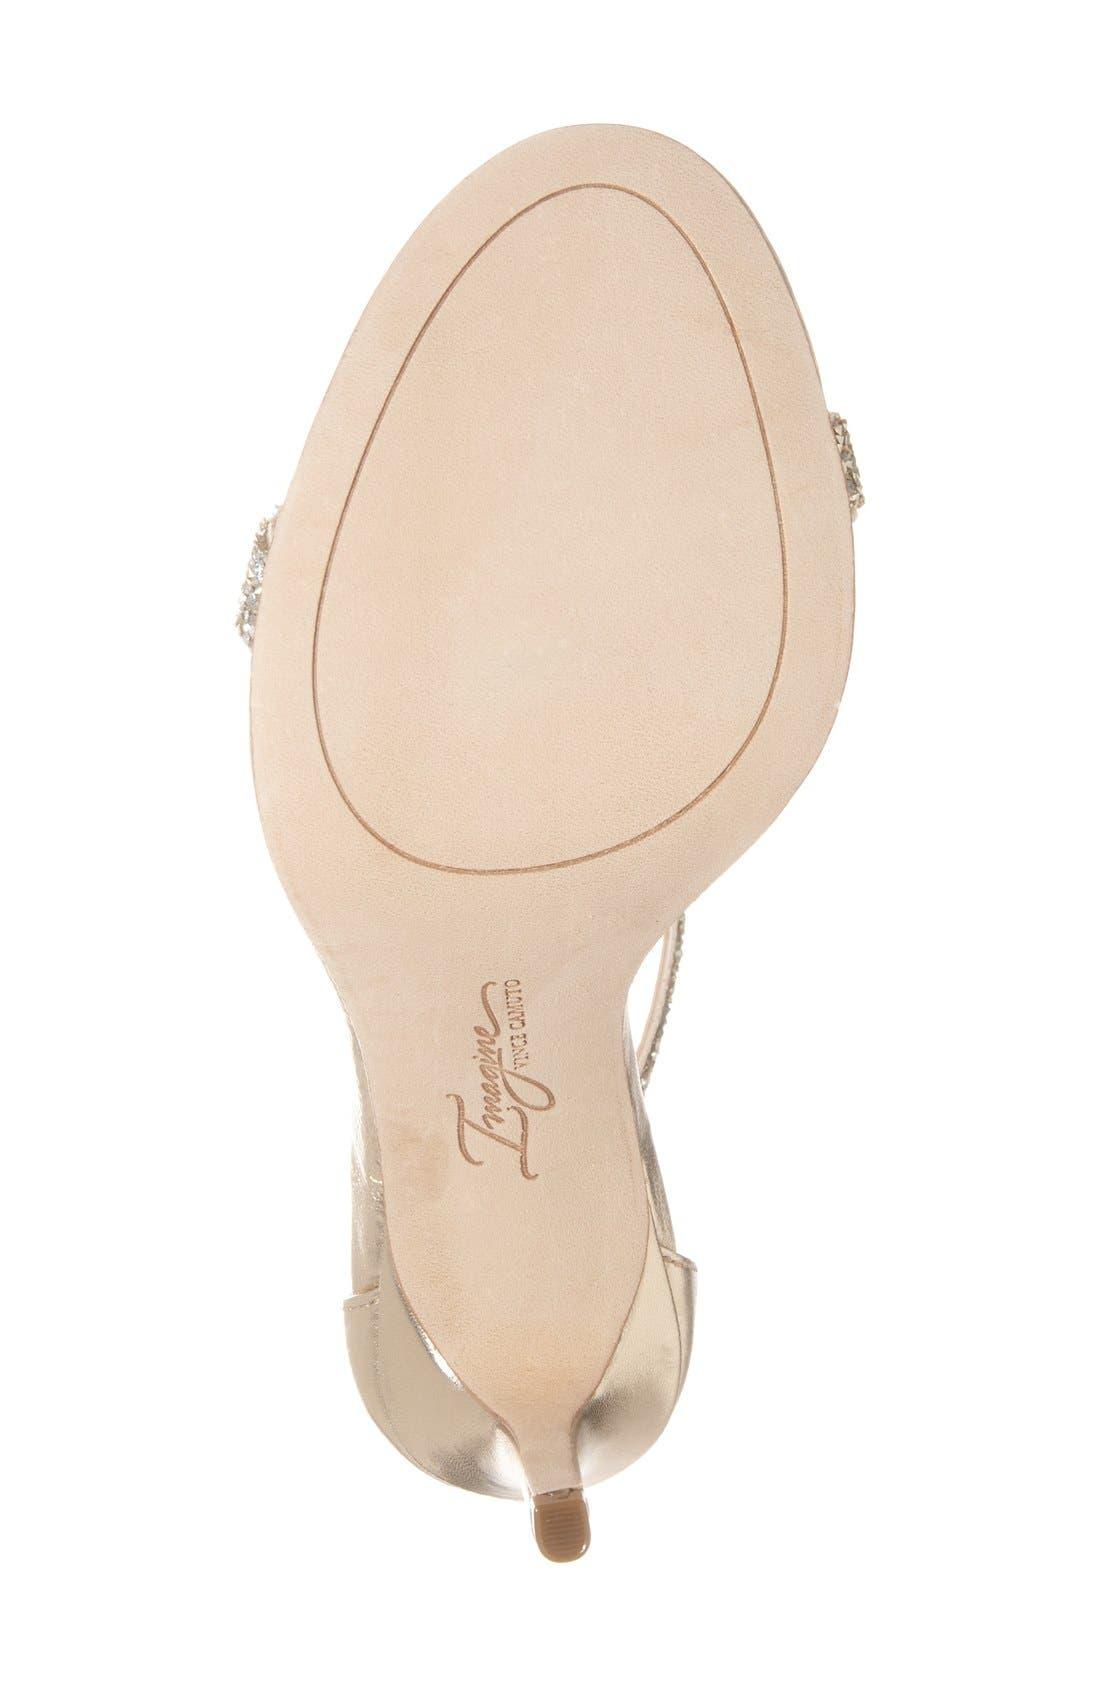 'Phoebe' Embellished T-Strap Sandal,                             Alternate thumbnail 4, color,                             Crystal/Gold Nappa